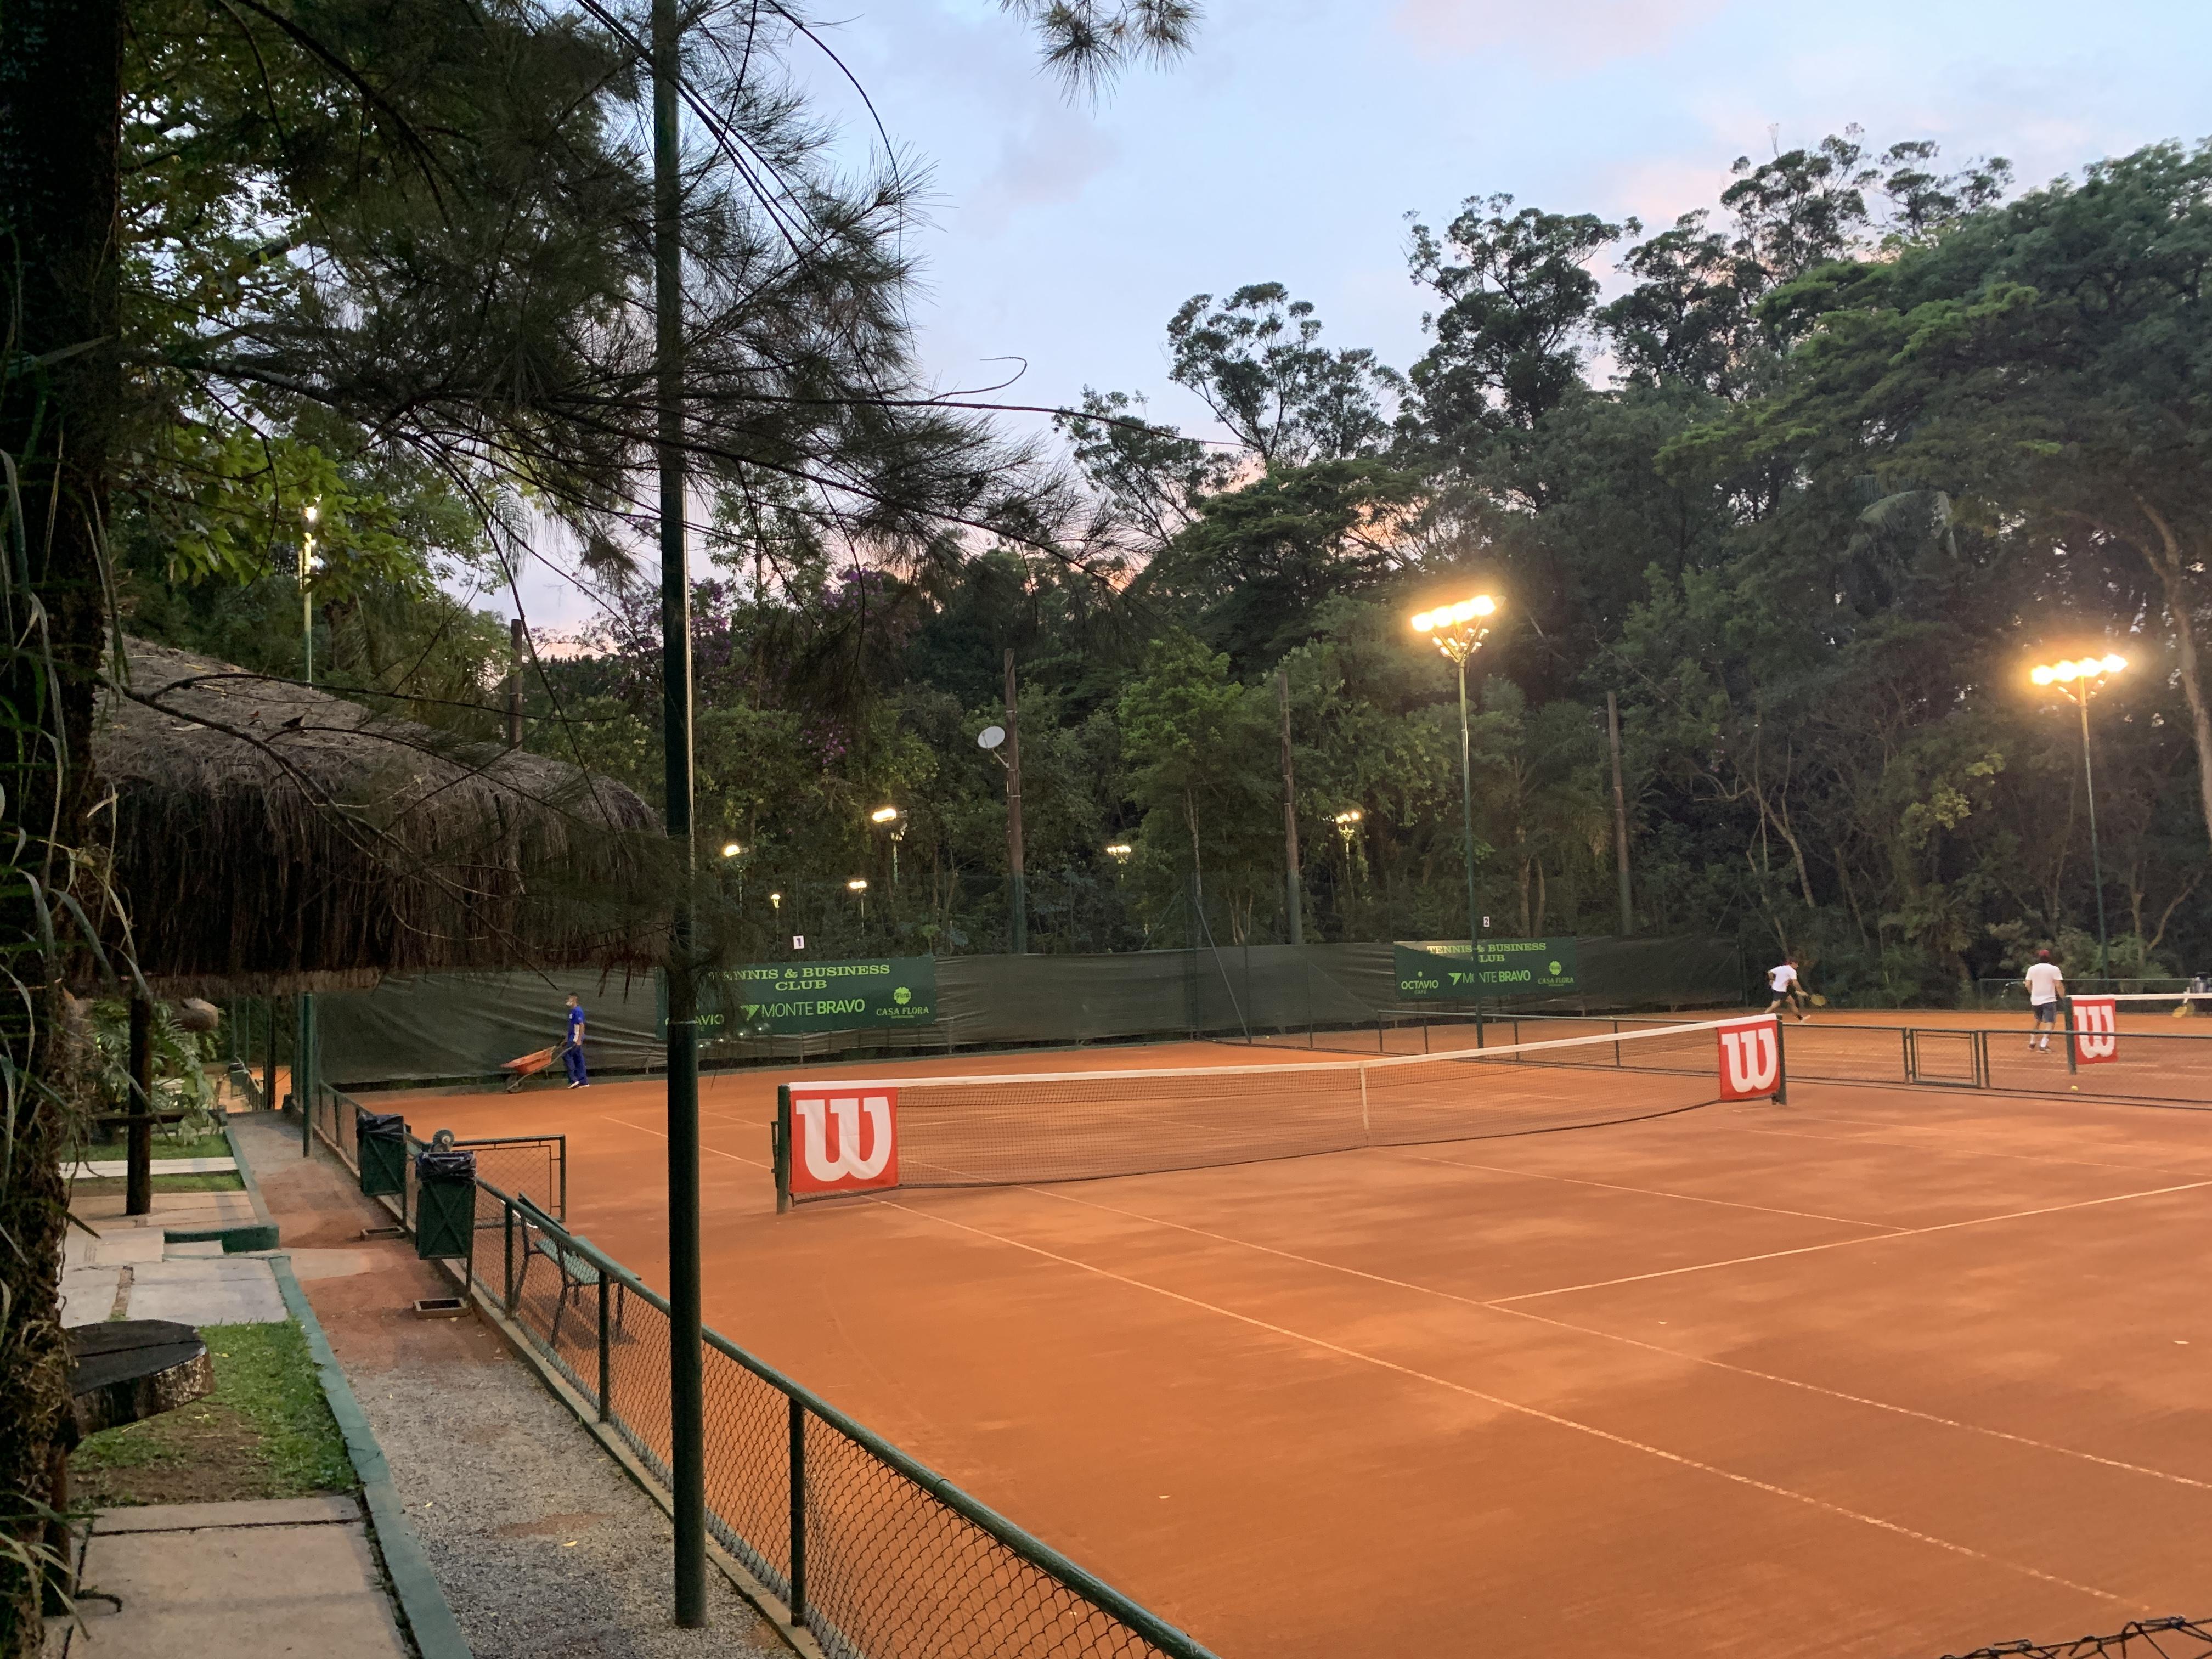 Protegido: Tennis & Business Club #9 – Veja as fotos!